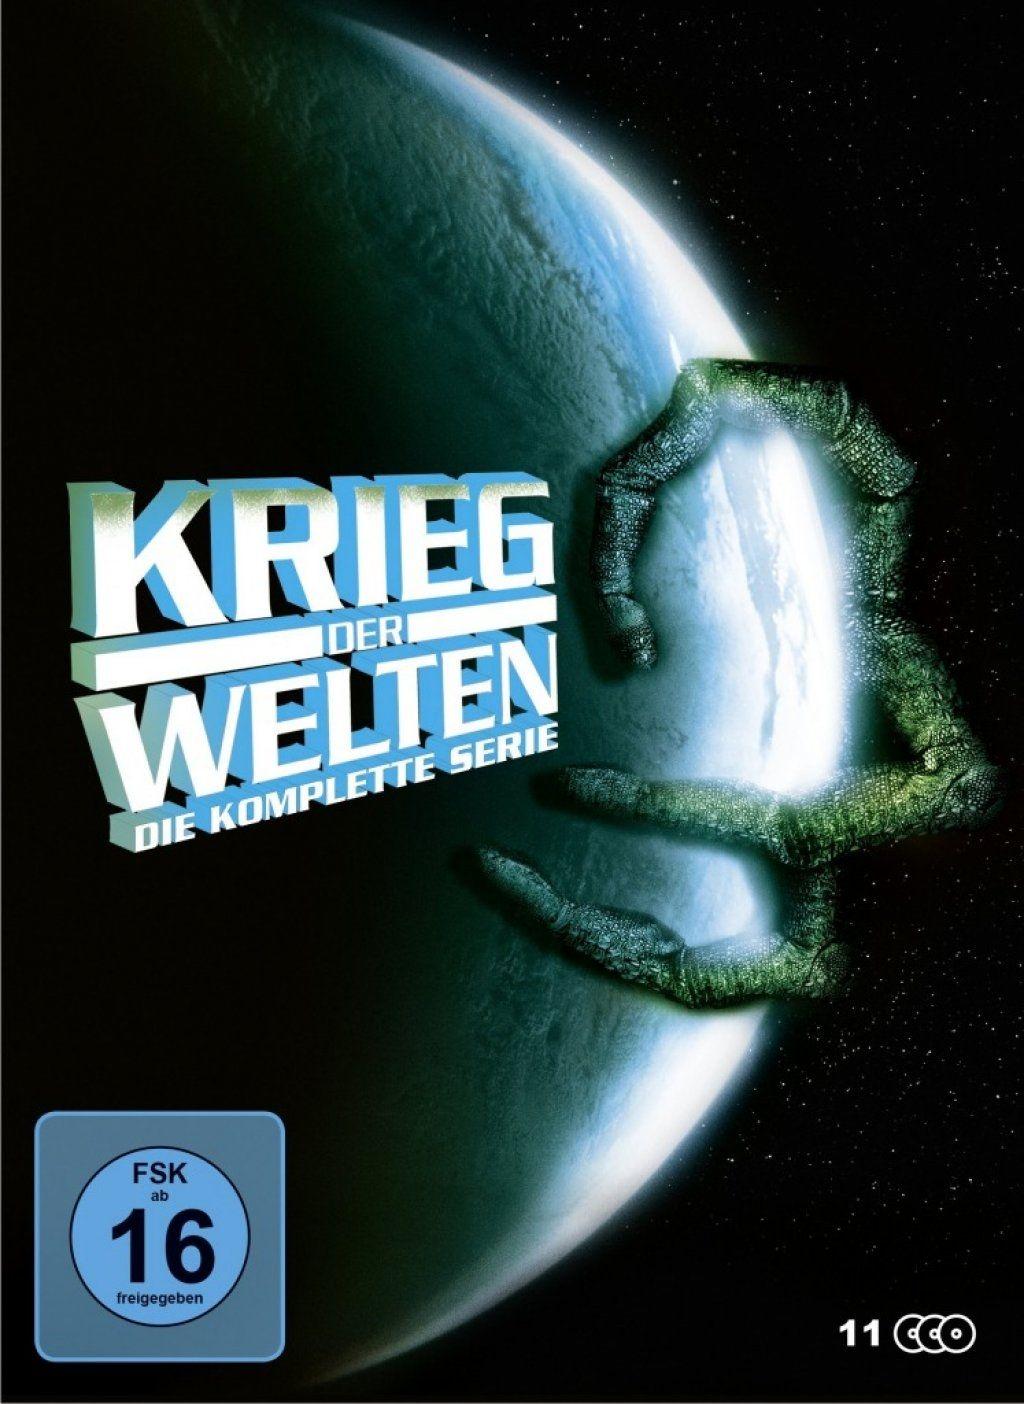 Krieg der Welten - Die komplette Serie (11 Discs)